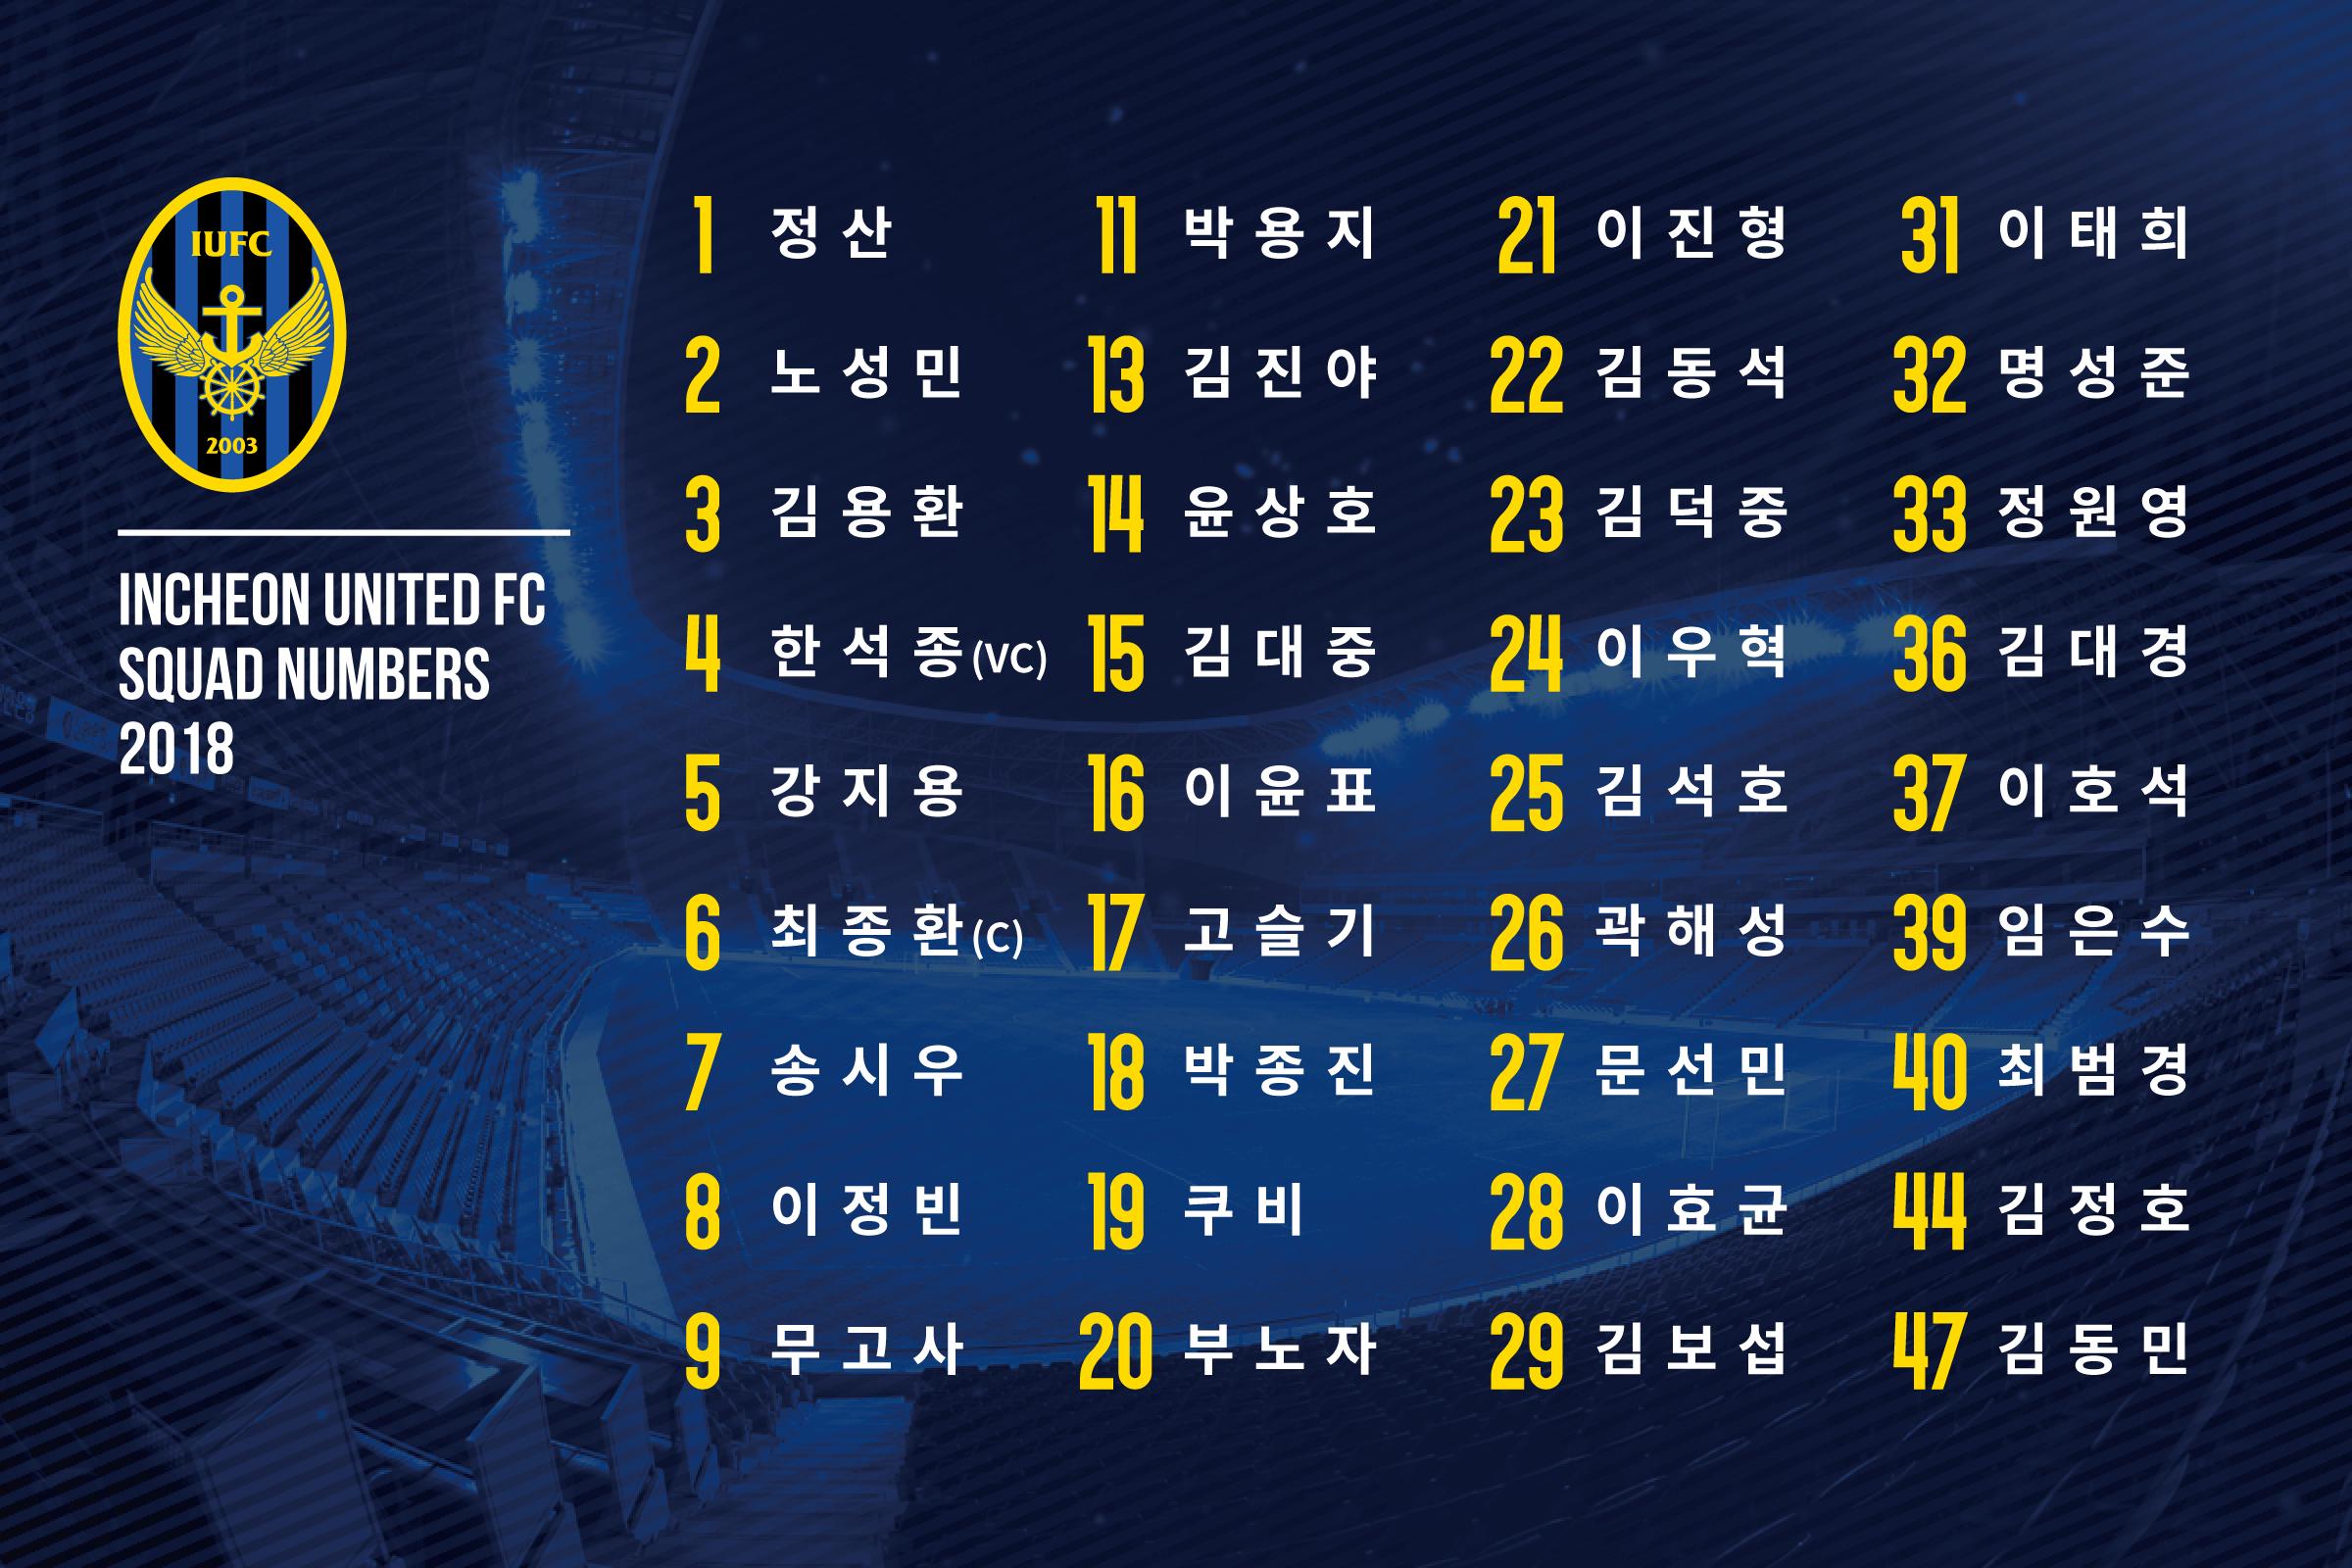 인천, 2018시즌 등번호 공개...큰 변화는 없어